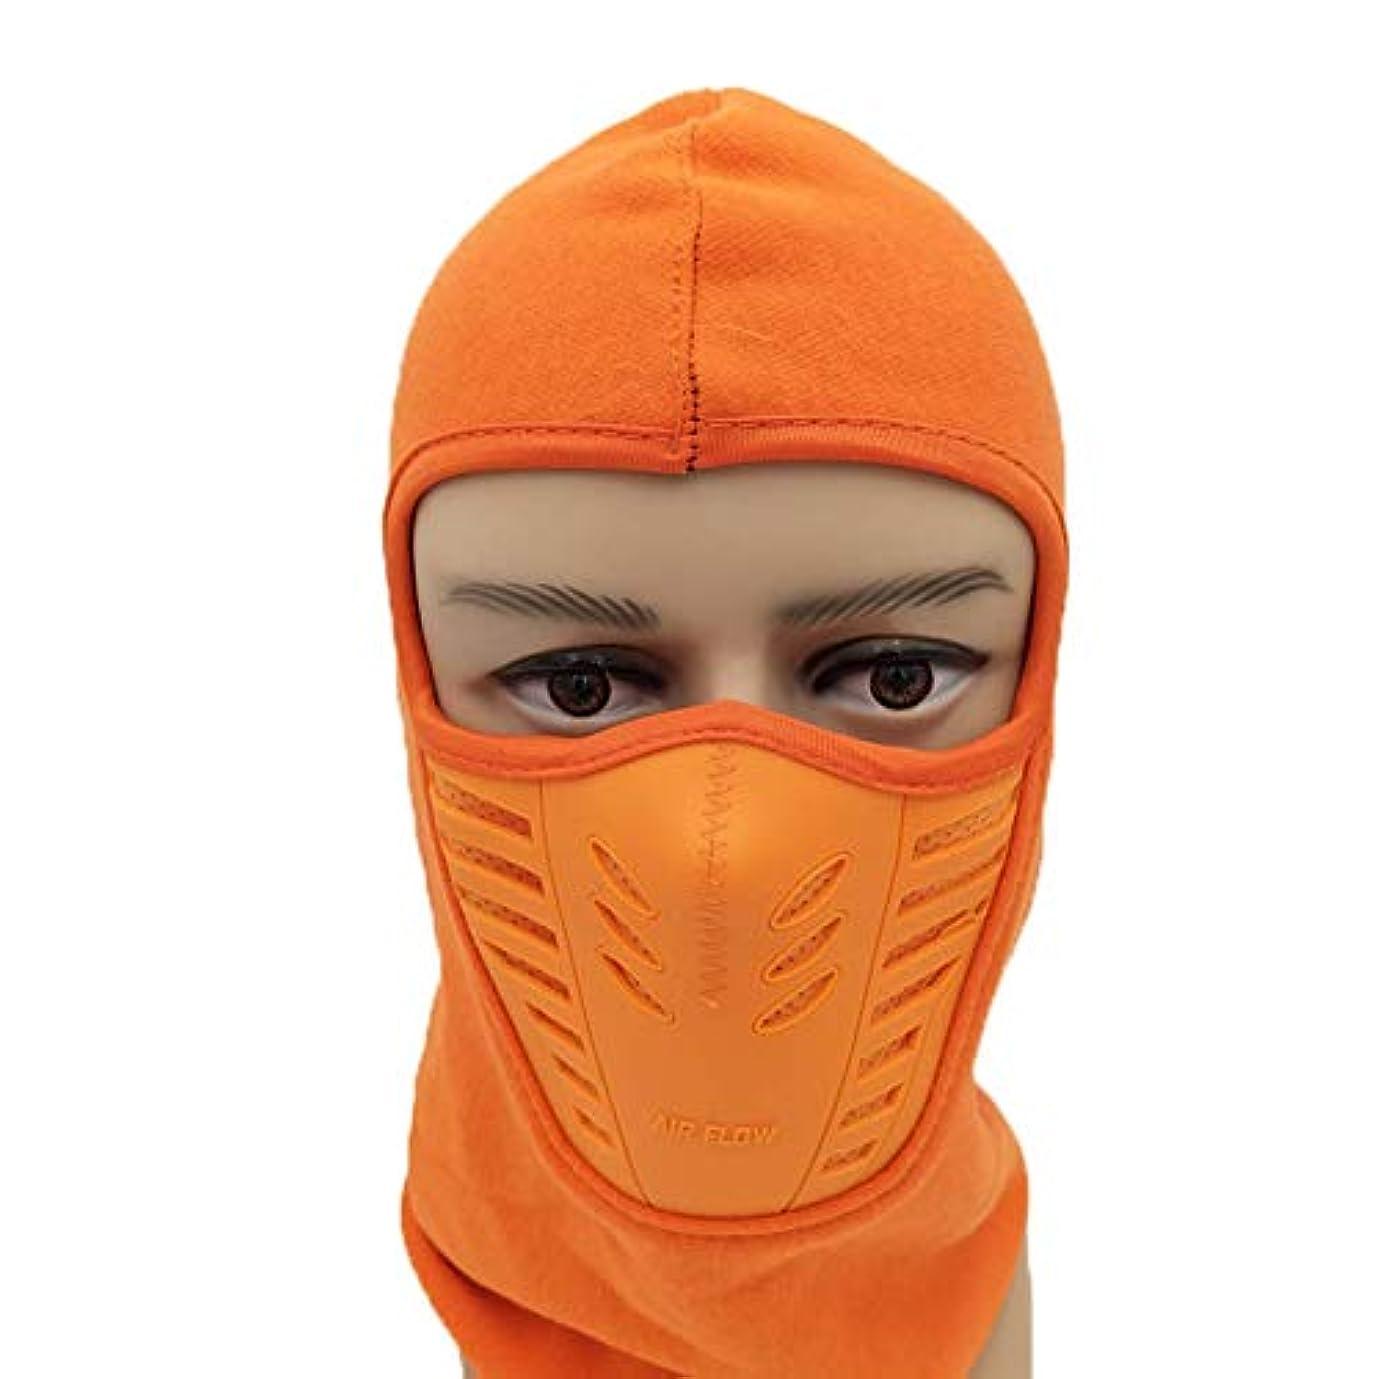 現像プライムスキニーXlpウィンターフリースネックウォーマー、フェイスマスクカバー、厚手ロングネックガーターチューブ、ビーニーネックウォーマーフード、ウィンターアウトドアスポーツマスク防風フード帽子